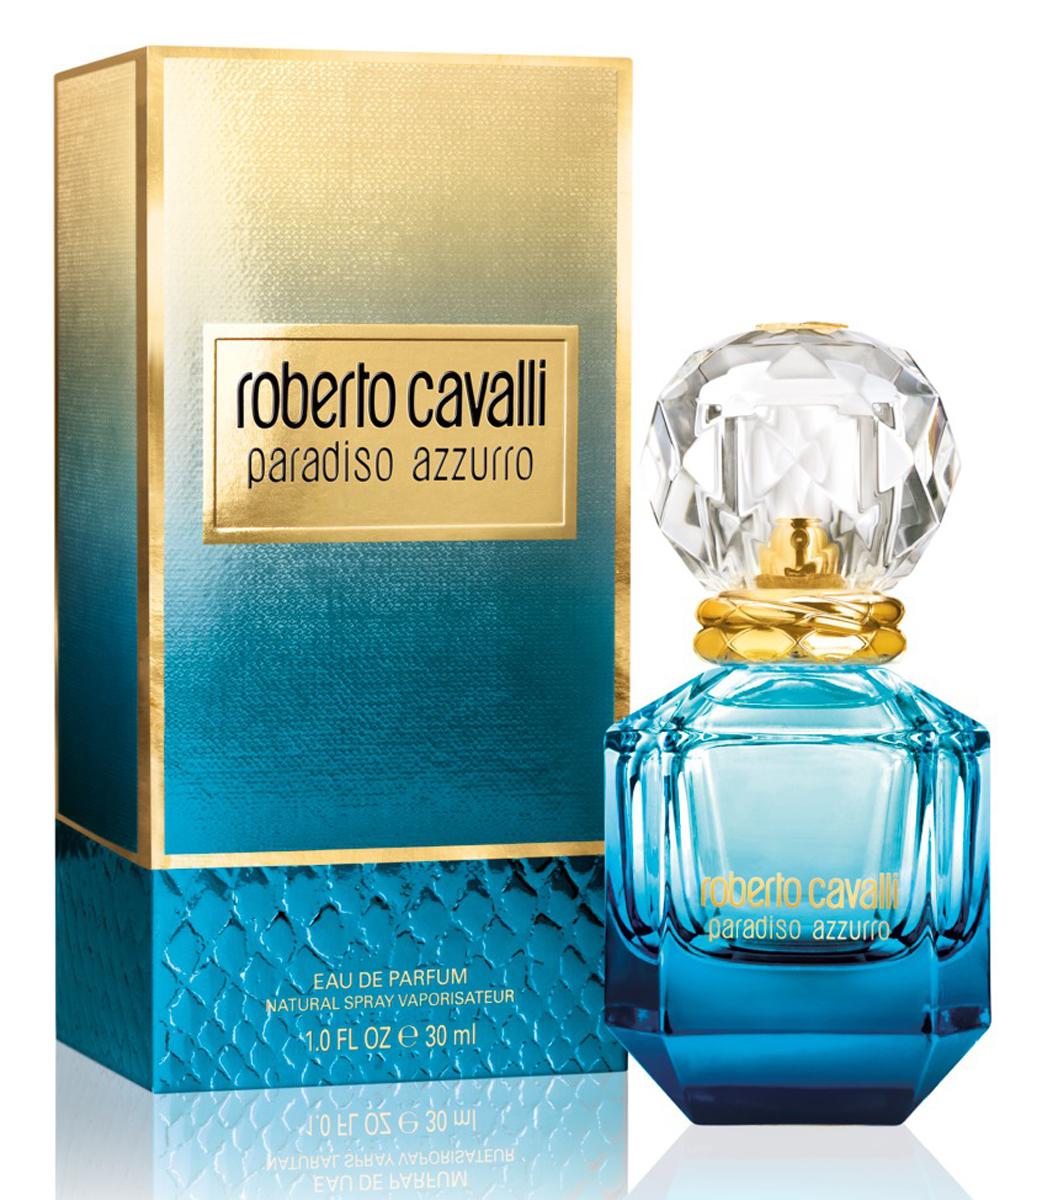 Roberto Cavalli Paradiso Azzurro Парфюмерная вода женская 30 мл75777063000Женщина Roberto Cavalli Paradiso излучает шарм, радость и свет. Она - уверена и счастлива. Она берет от жизни все и превращает каждый ее миг в бесценную возможность, которую нужно использовать и ценить. Утонченный цветочно-лесной аромат стал симфонией солнечных нот, навеянных итальянскими пейзажами. Дразнящая прелюдия бергамота и лаванды, щедрая смесь дикого жасмина и кипариса, сандала и ванили. Это свежее и радостное начало, искрящееся жизнью и светом. За ним следует главная нота - дикий жасмин, вносящий роскошные обертоны ненасытной чувственности.Верхняя нота: Бергамот, Лаванда и Танжерин.Средняя нота: Дикий жасмин, Водные ноты, Яблоко, Персик, Роза и Тубероза.Шлейф: Кипарис, Кашмирское дерево, Древесный янтарь, Сандал и Ваниль.Утонченный цветочно-лесной аромат стал симфонией солнечных нот, навеянных итальянскими пейзажами.Дневной и вечерний аромат.